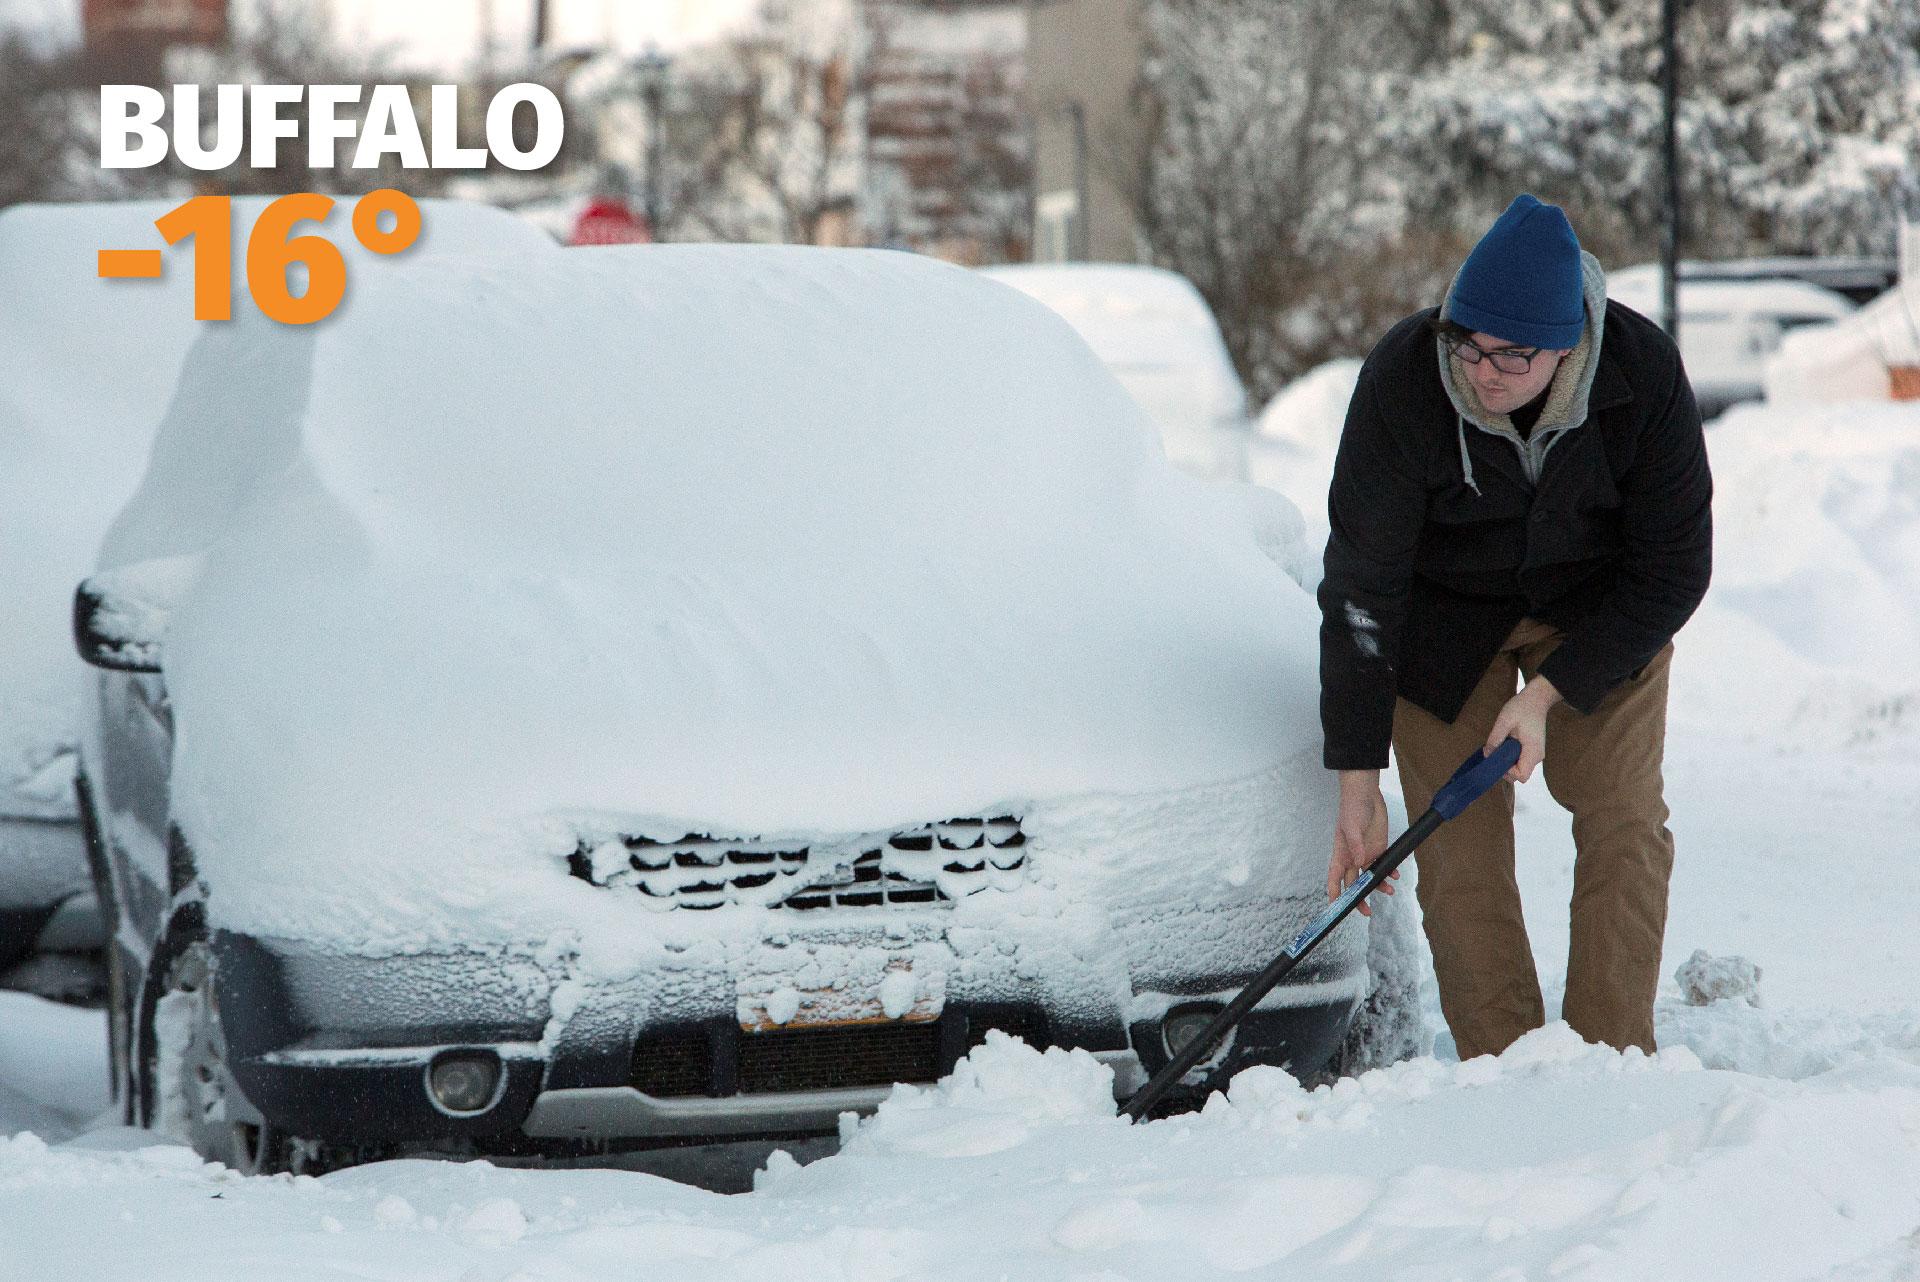 Un hombre trata de quitar la nieve de su auto en Buffalo, la ciudad vecina a las cataratas del Niágara, donde la tempratura cayó hasta los -16°C